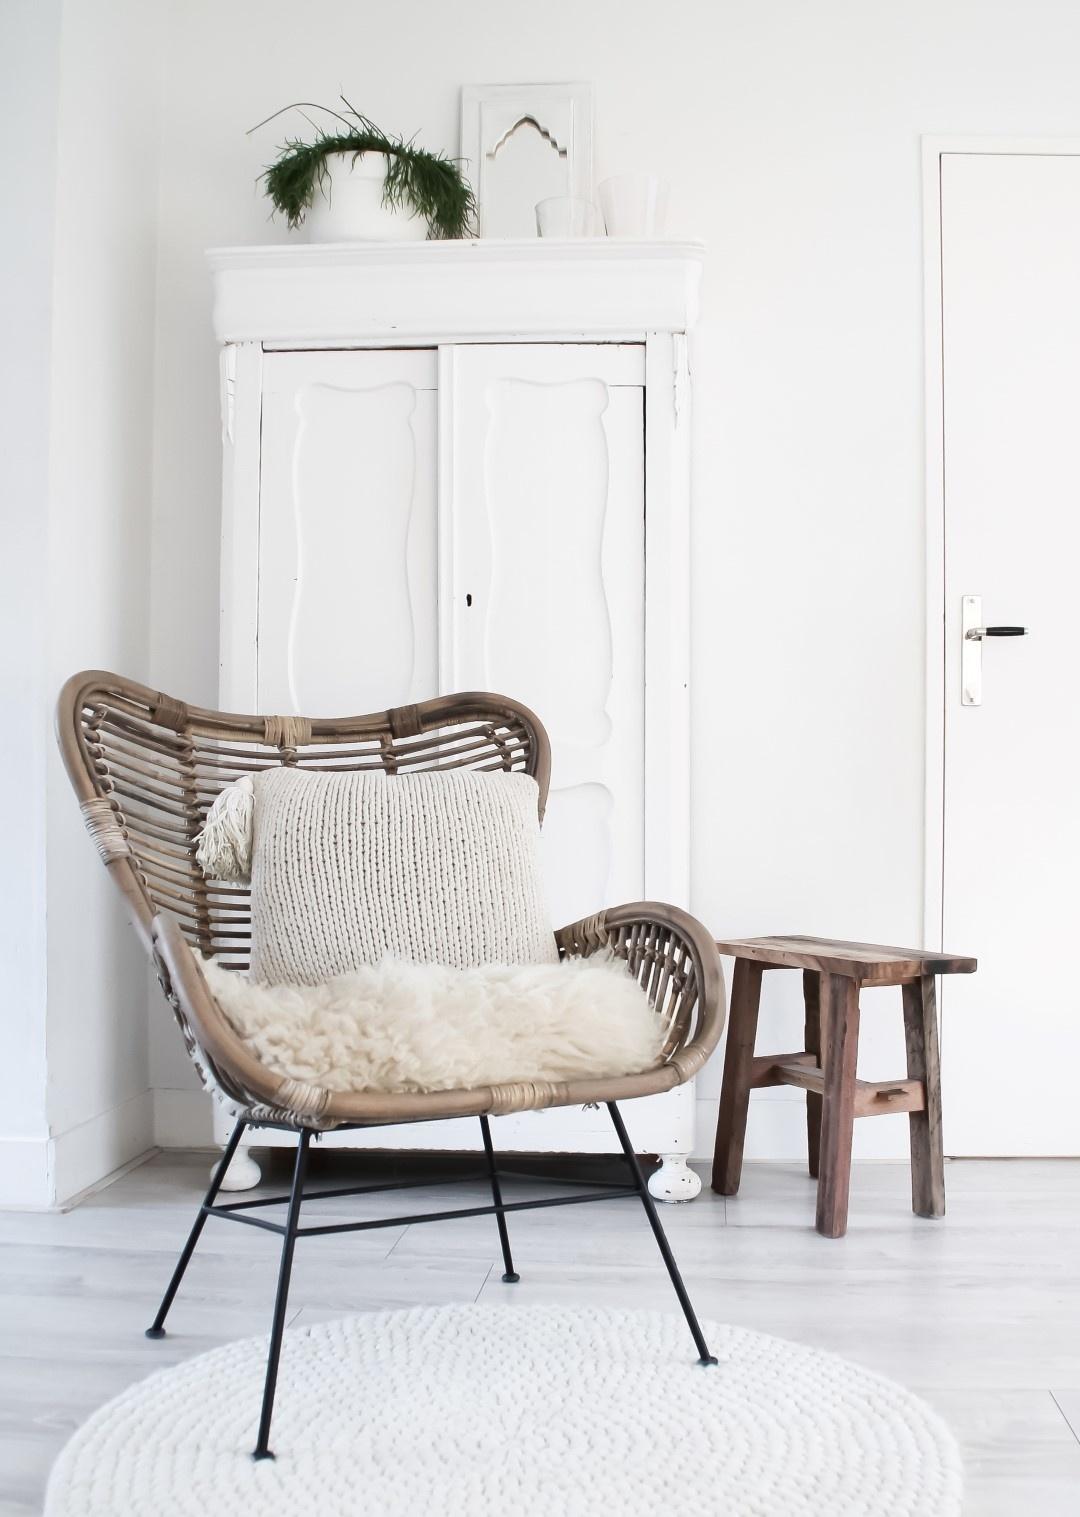 Onze favoriete stoelen!